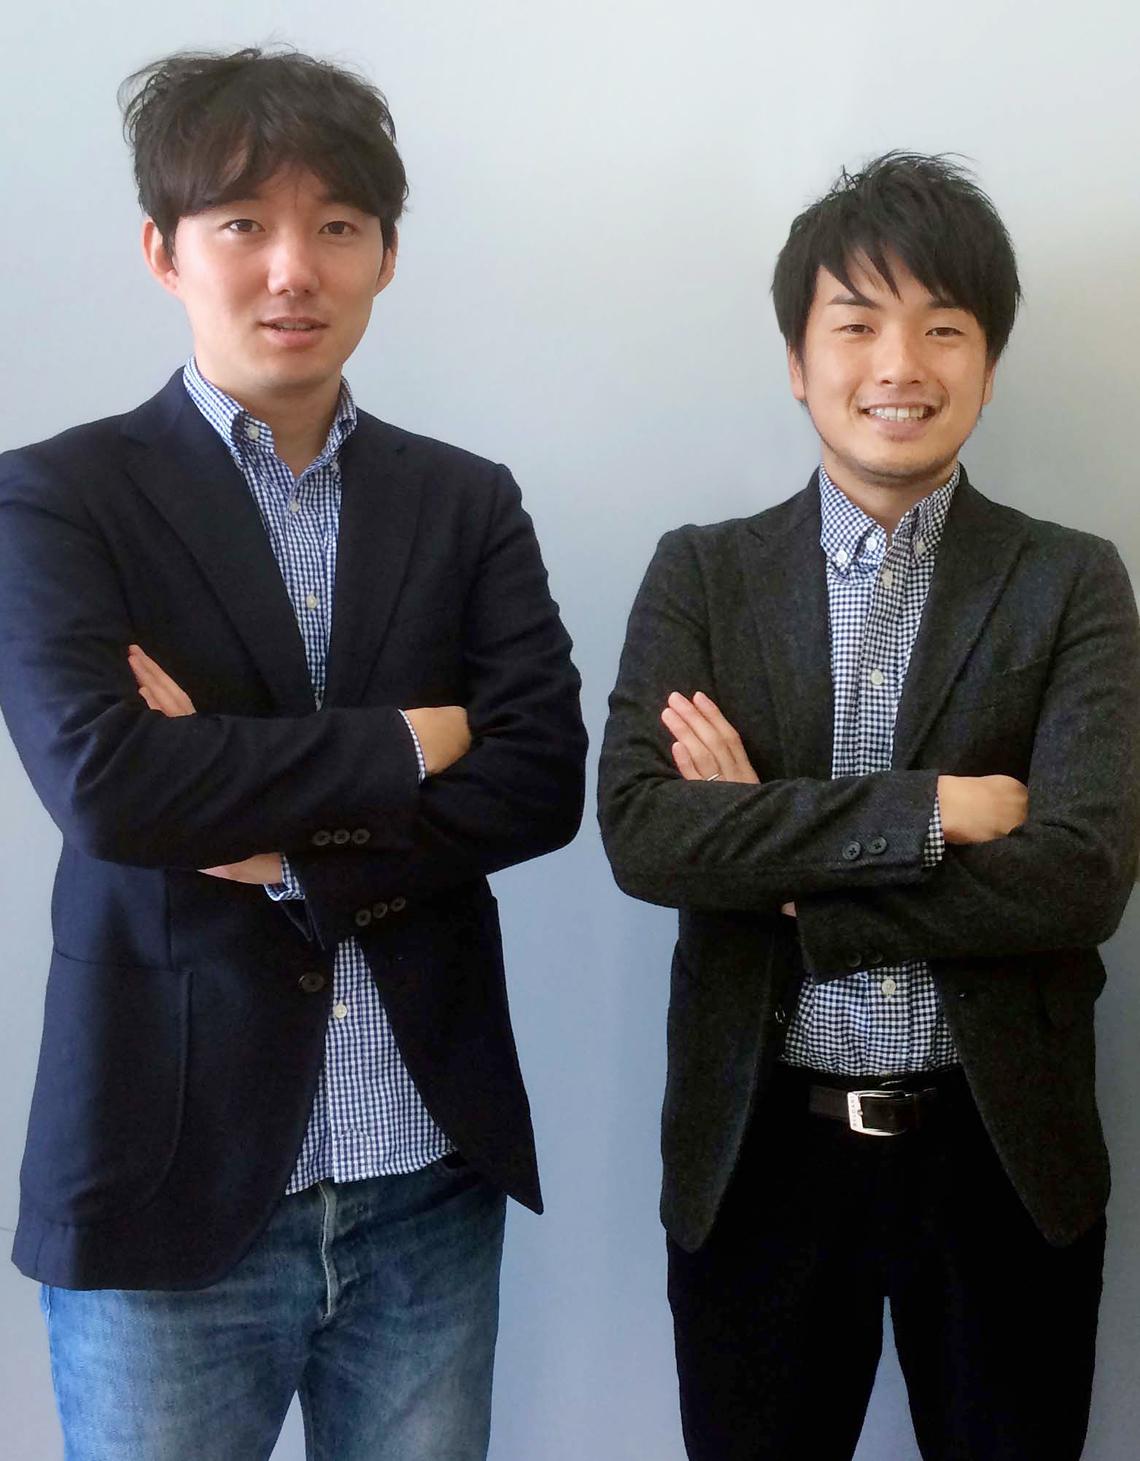 篠塚孝哉氏(左)と山野智久氏